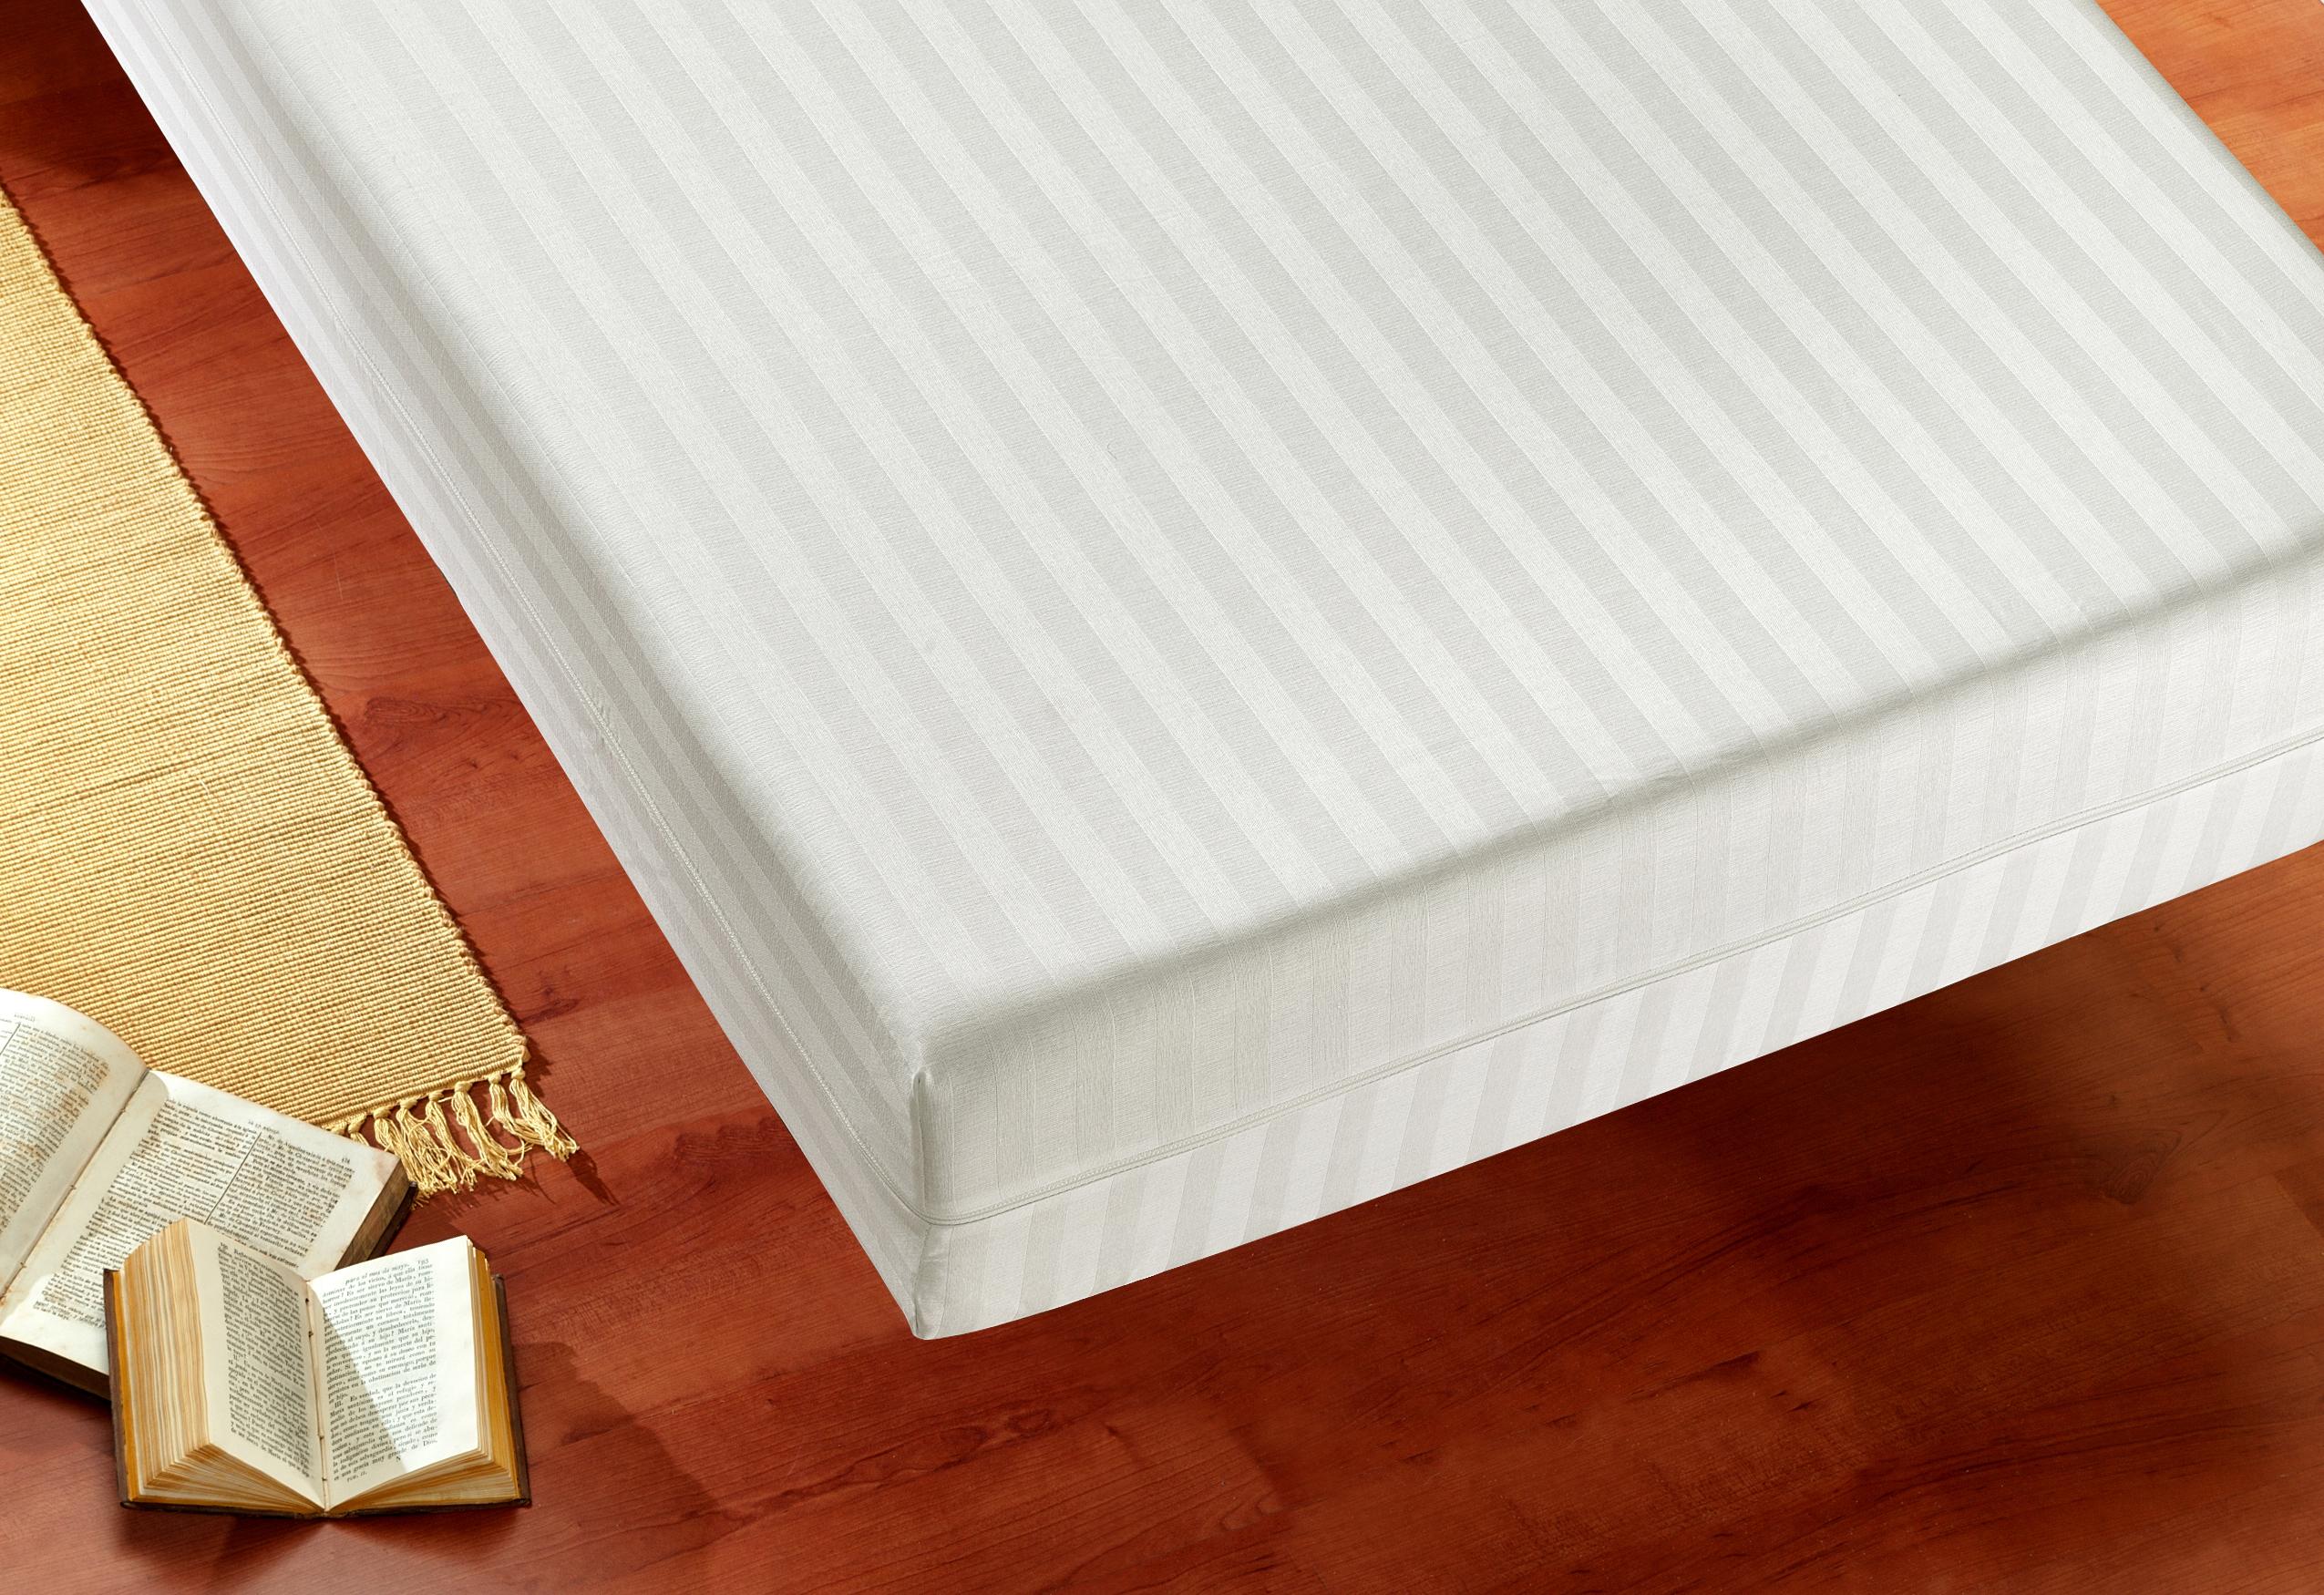 housse matelas integrale. Black Bedroom Furniture Sets. Home Design Ideas